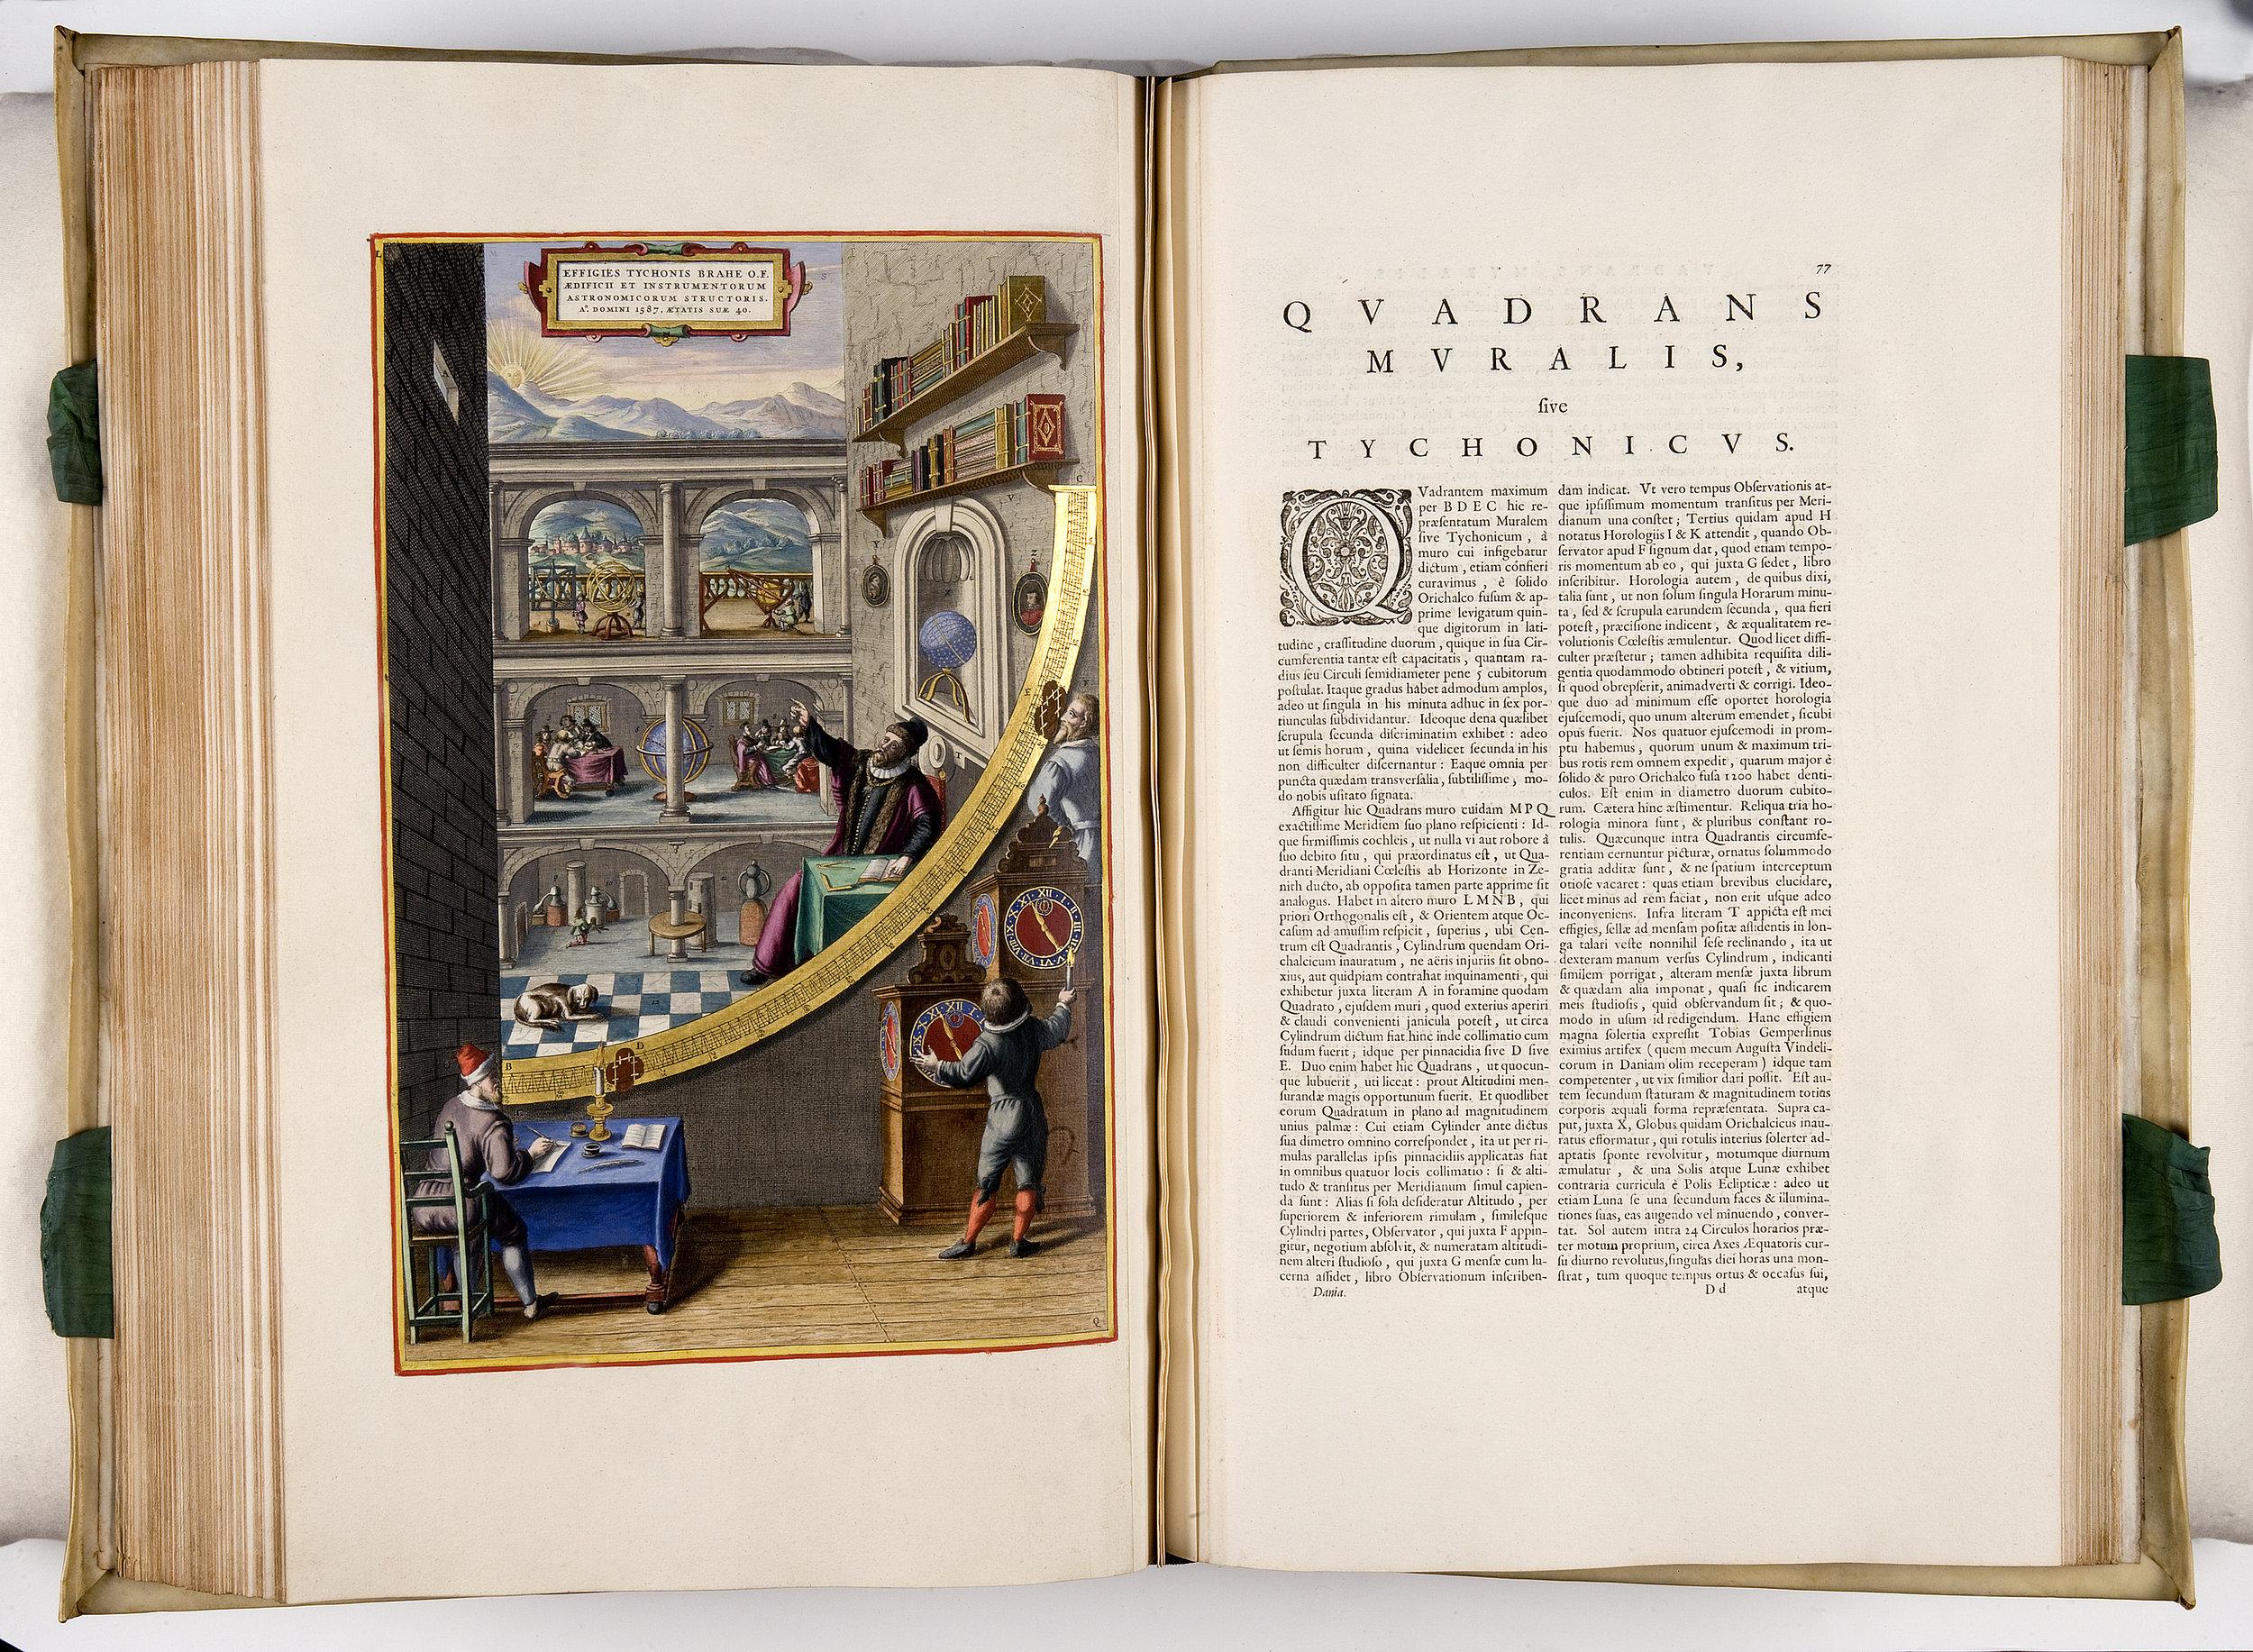 Blaeu Atlas [40 A 1, 77]